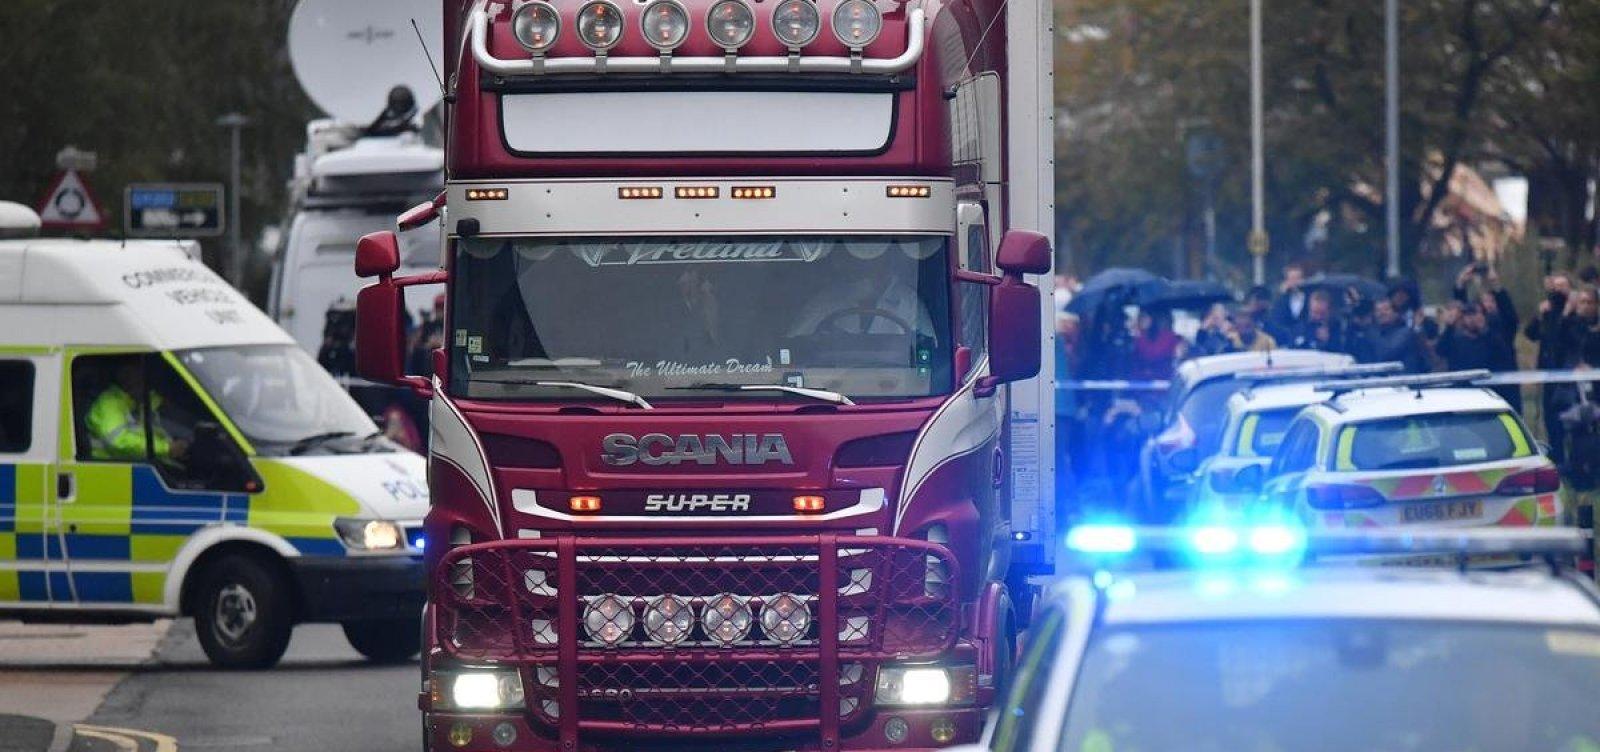 Mortos encontrados em caminhão no Reino Unido eram chineses